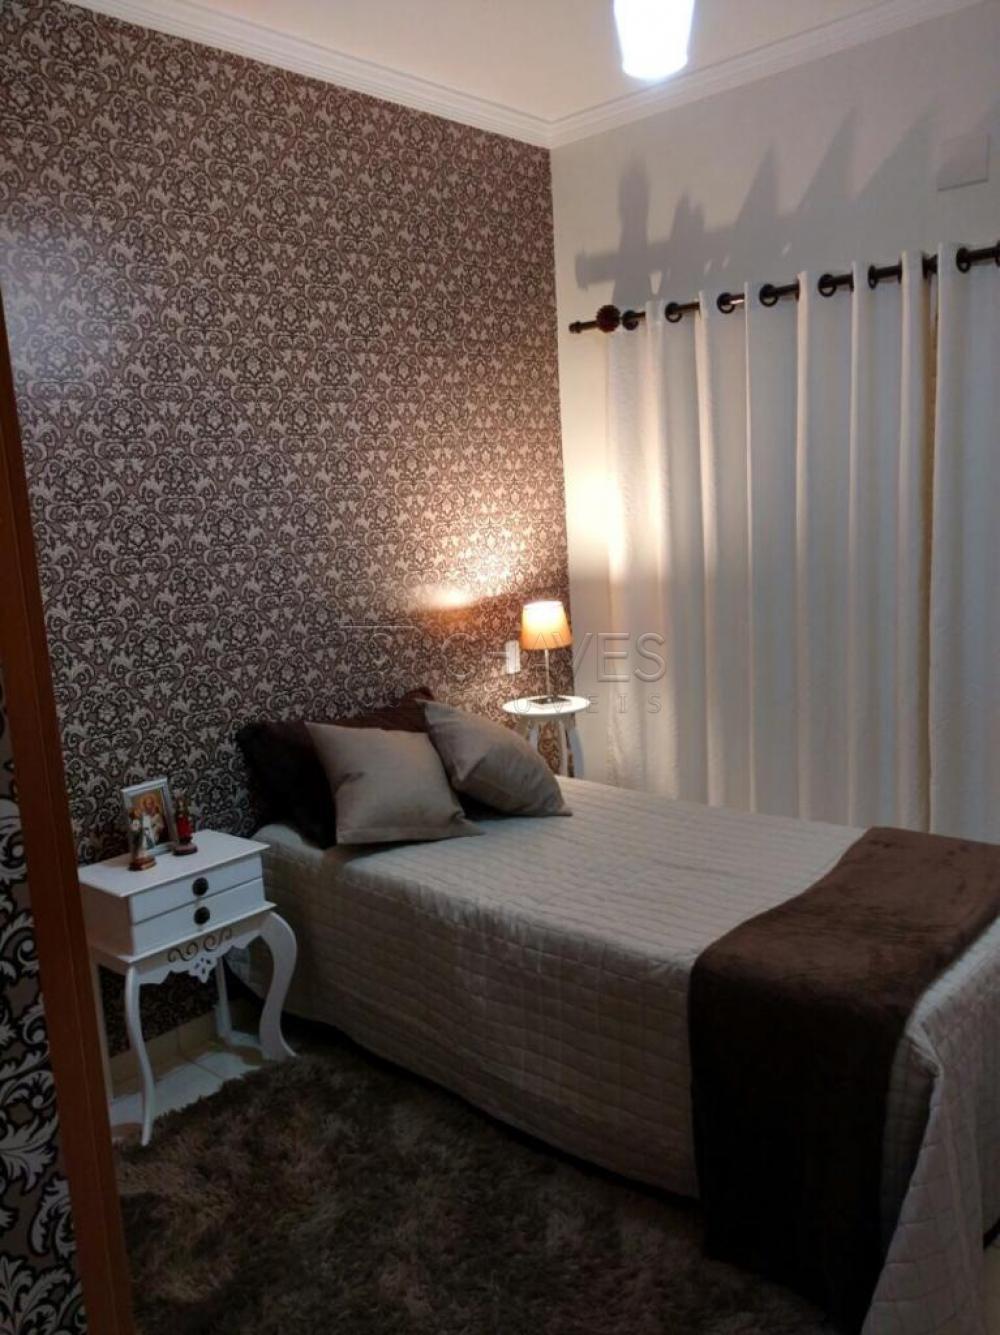 Comprar Casa / Padrão em Ribeirão Preto apenas R$ 360.000,00 - Foto 9